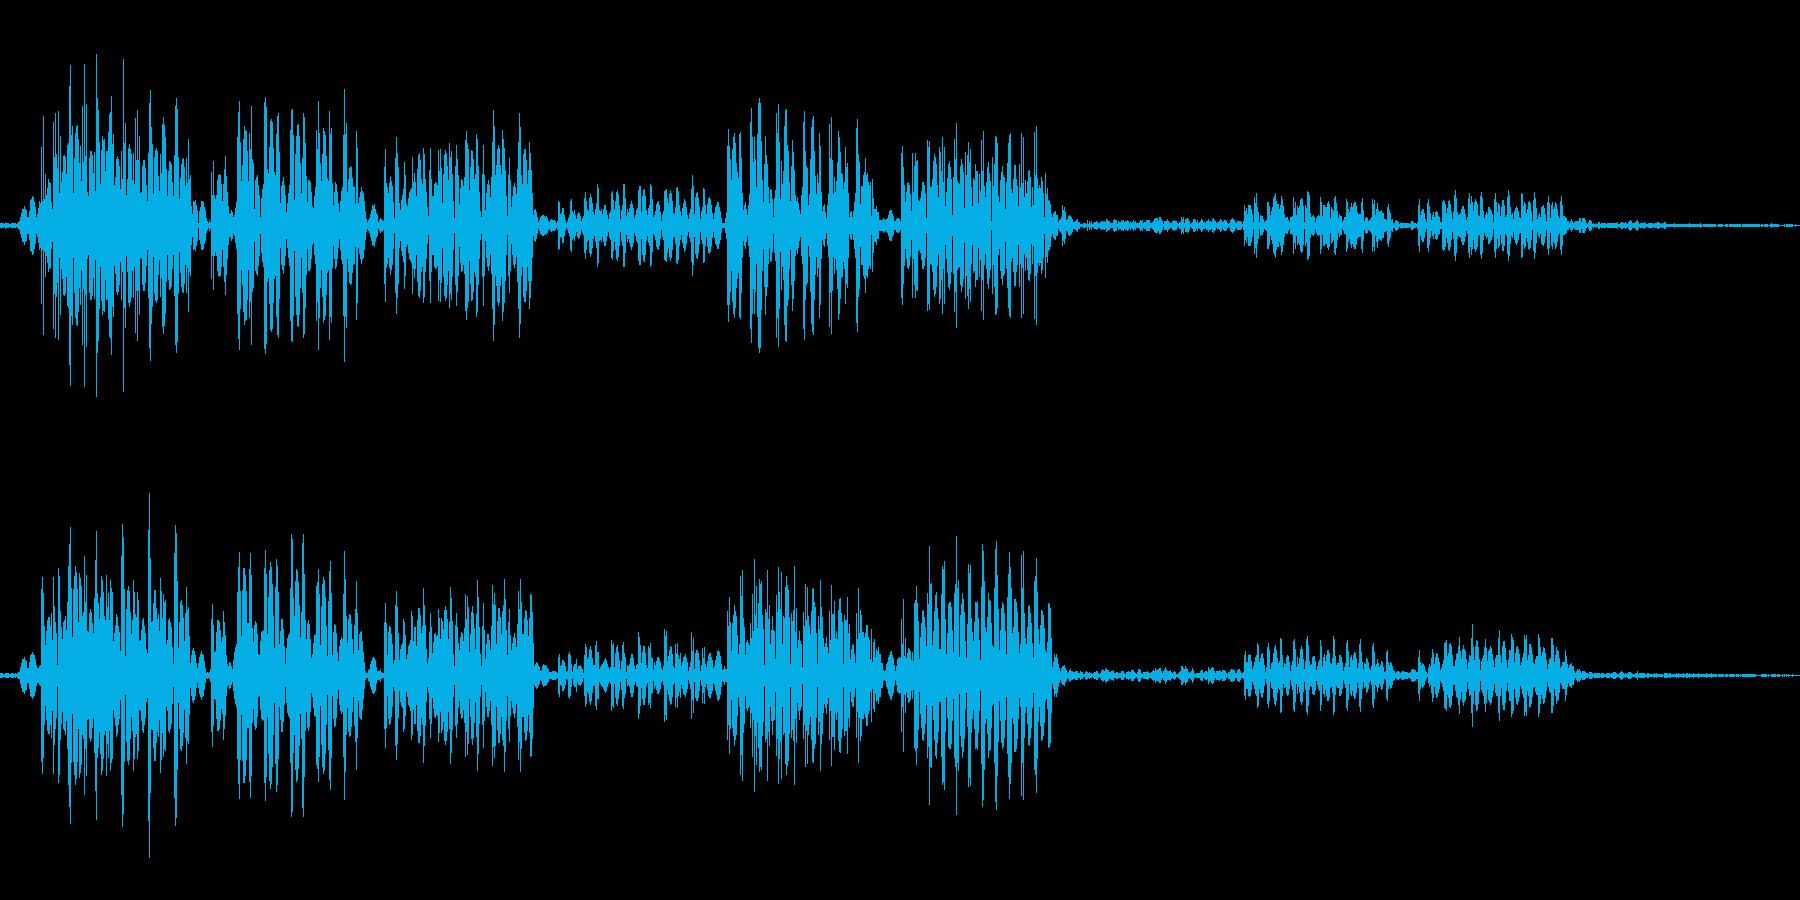 ビビビッという雷ぽい音の再生済みの波形